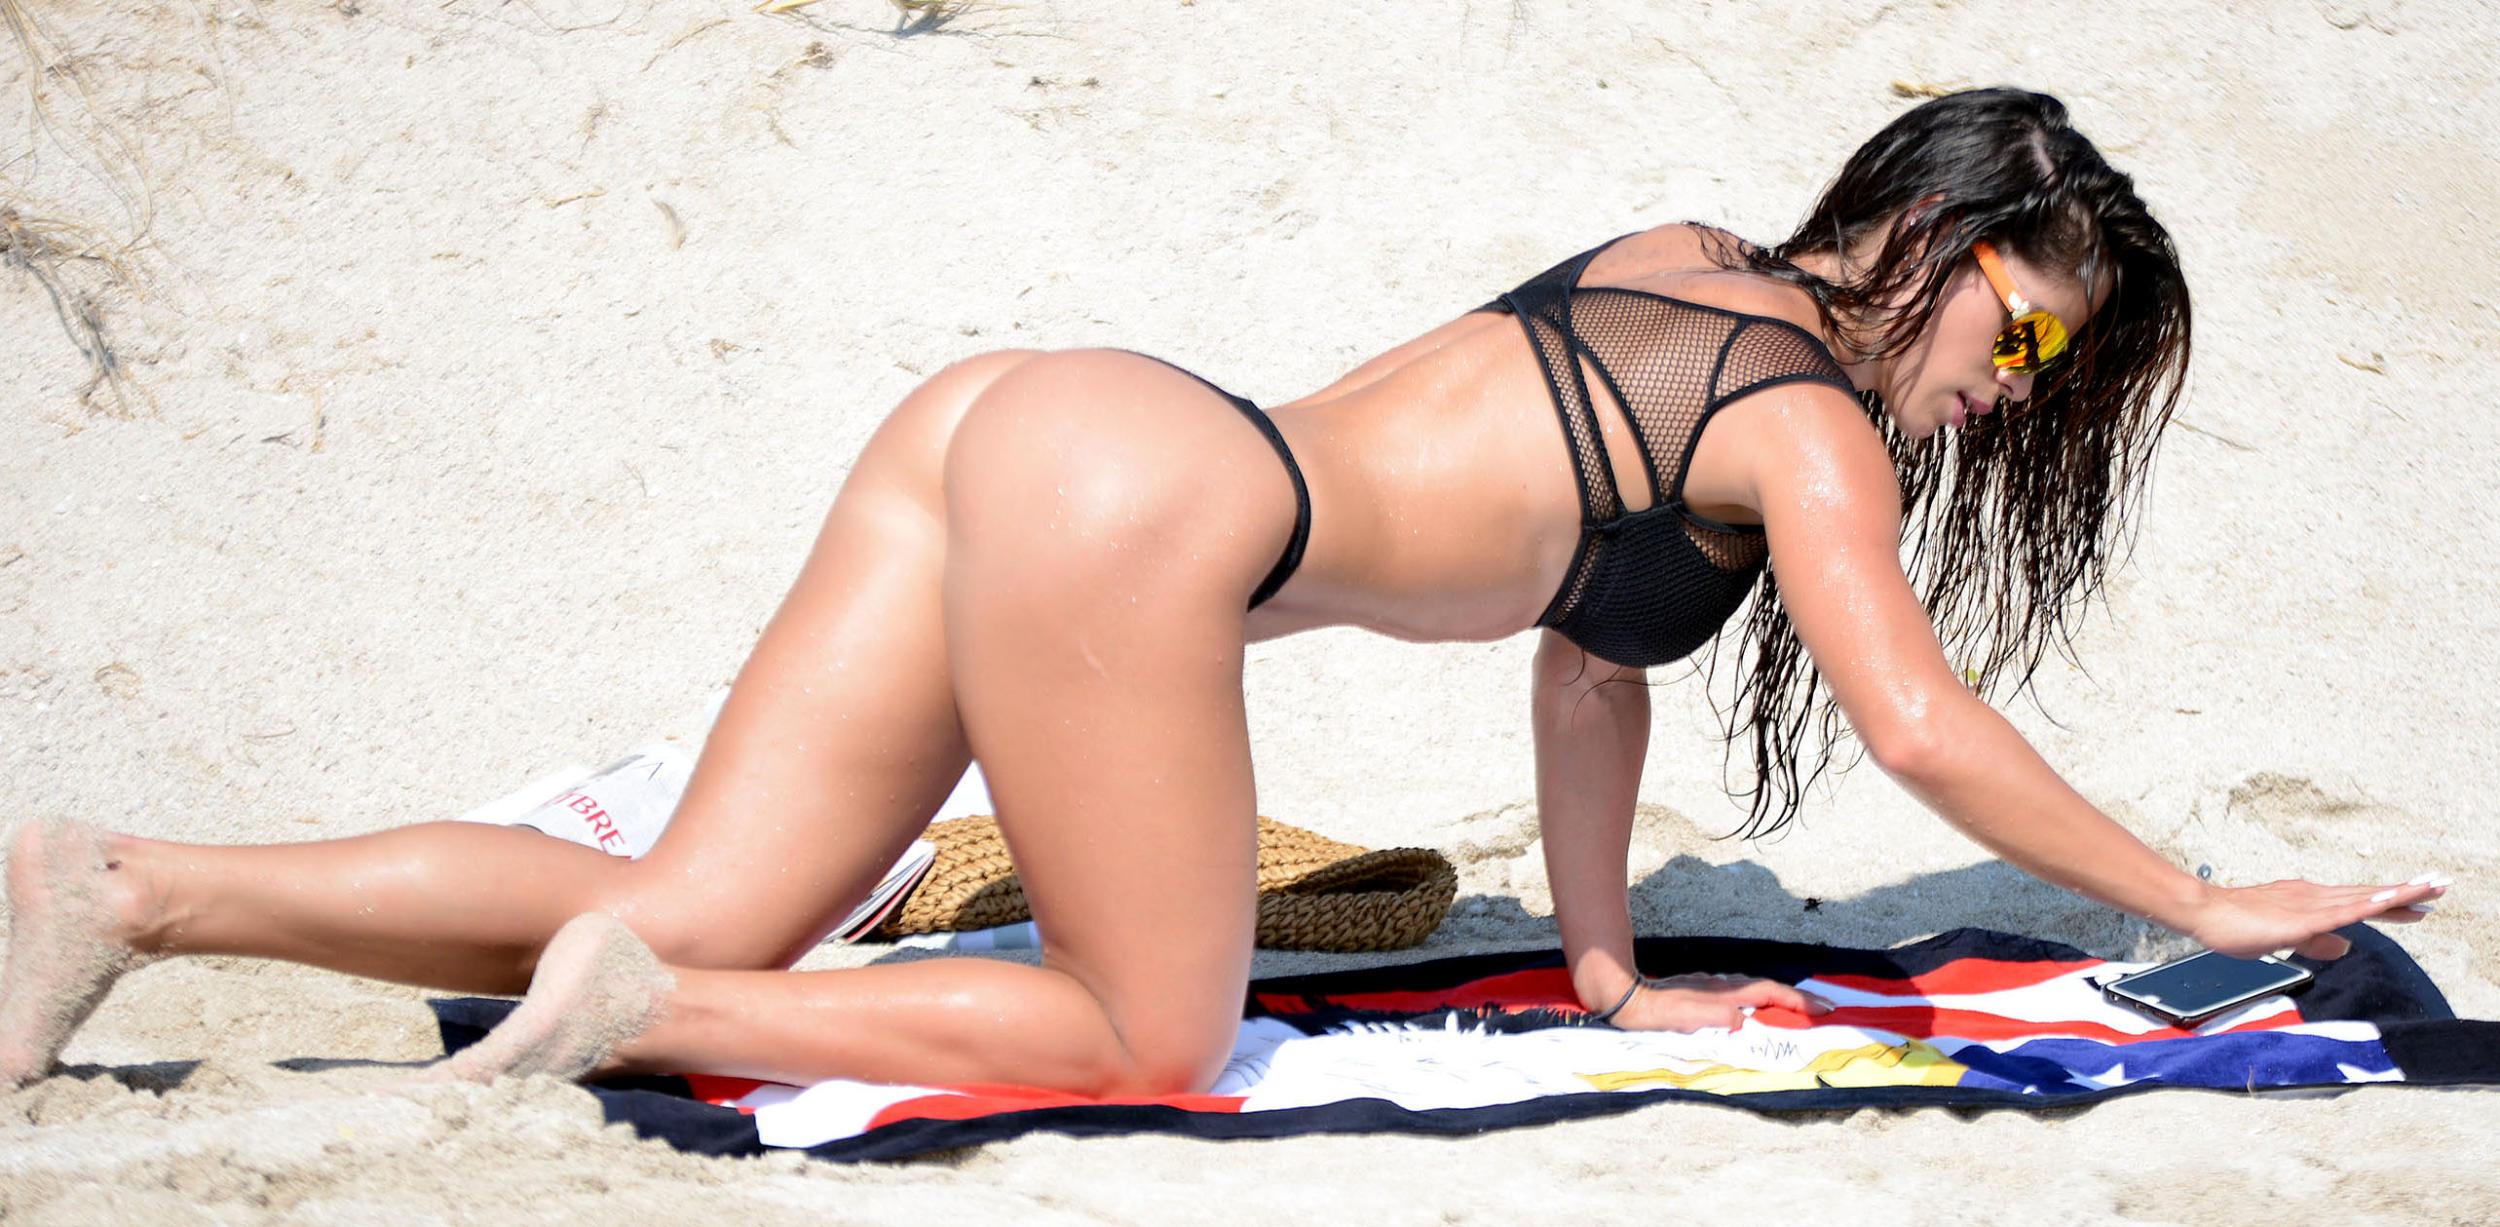 Michelle-Lewin-South-Beach-1